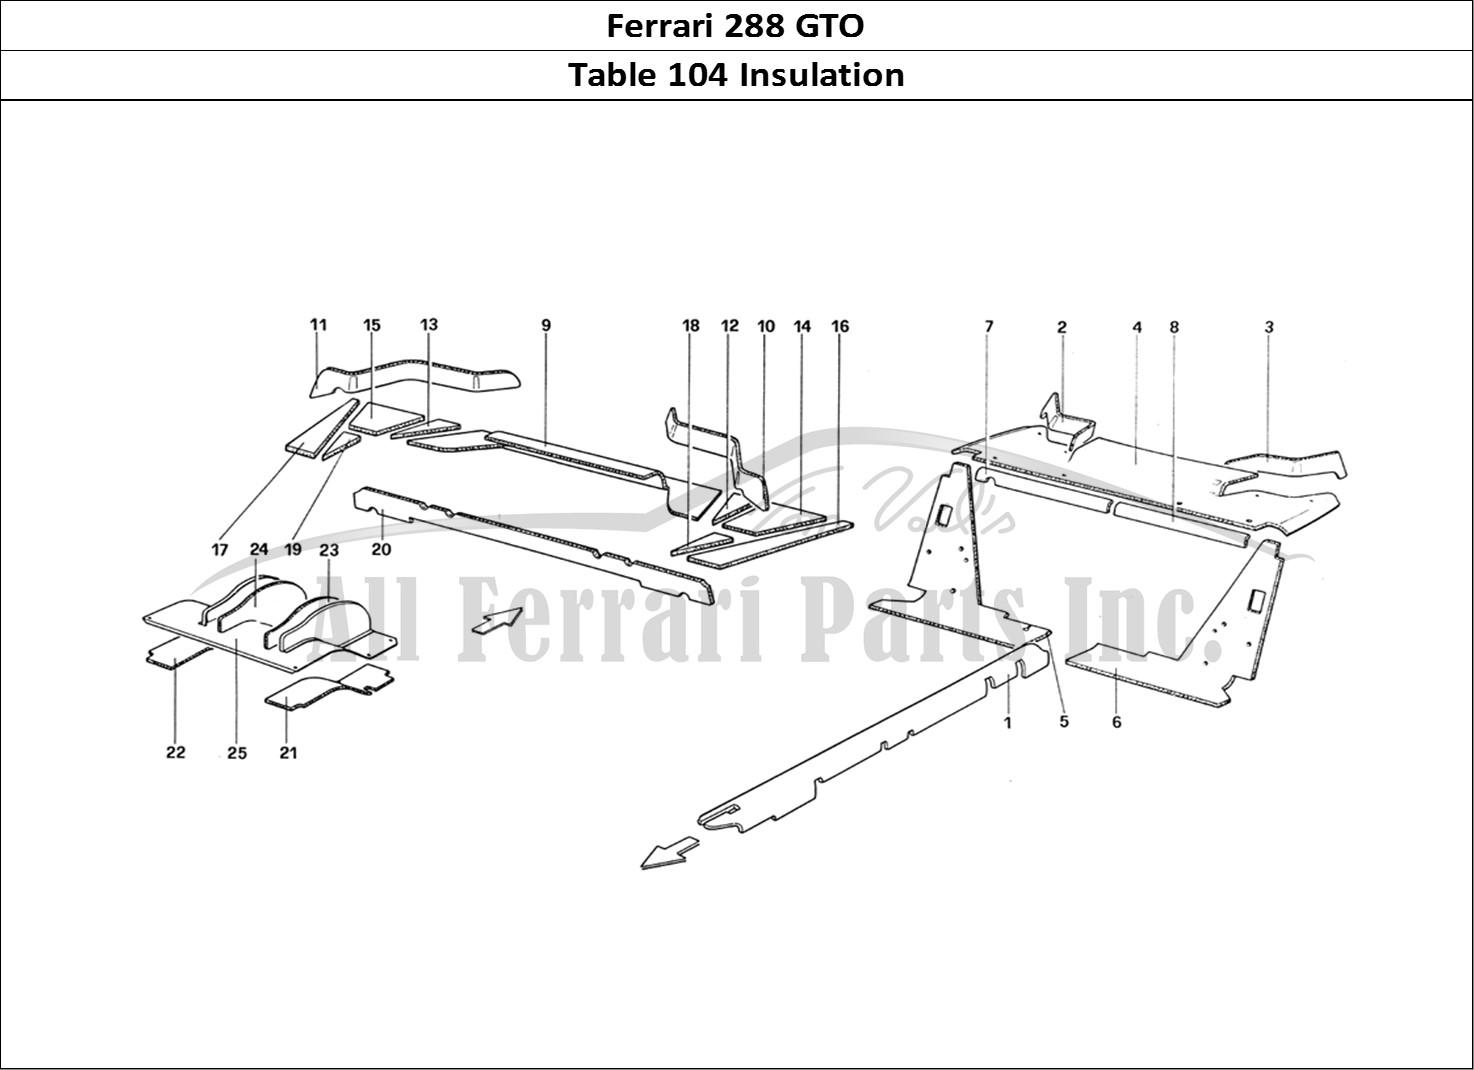 house insulation diagram how to write class buy original ferrari 288 gto 104 parts